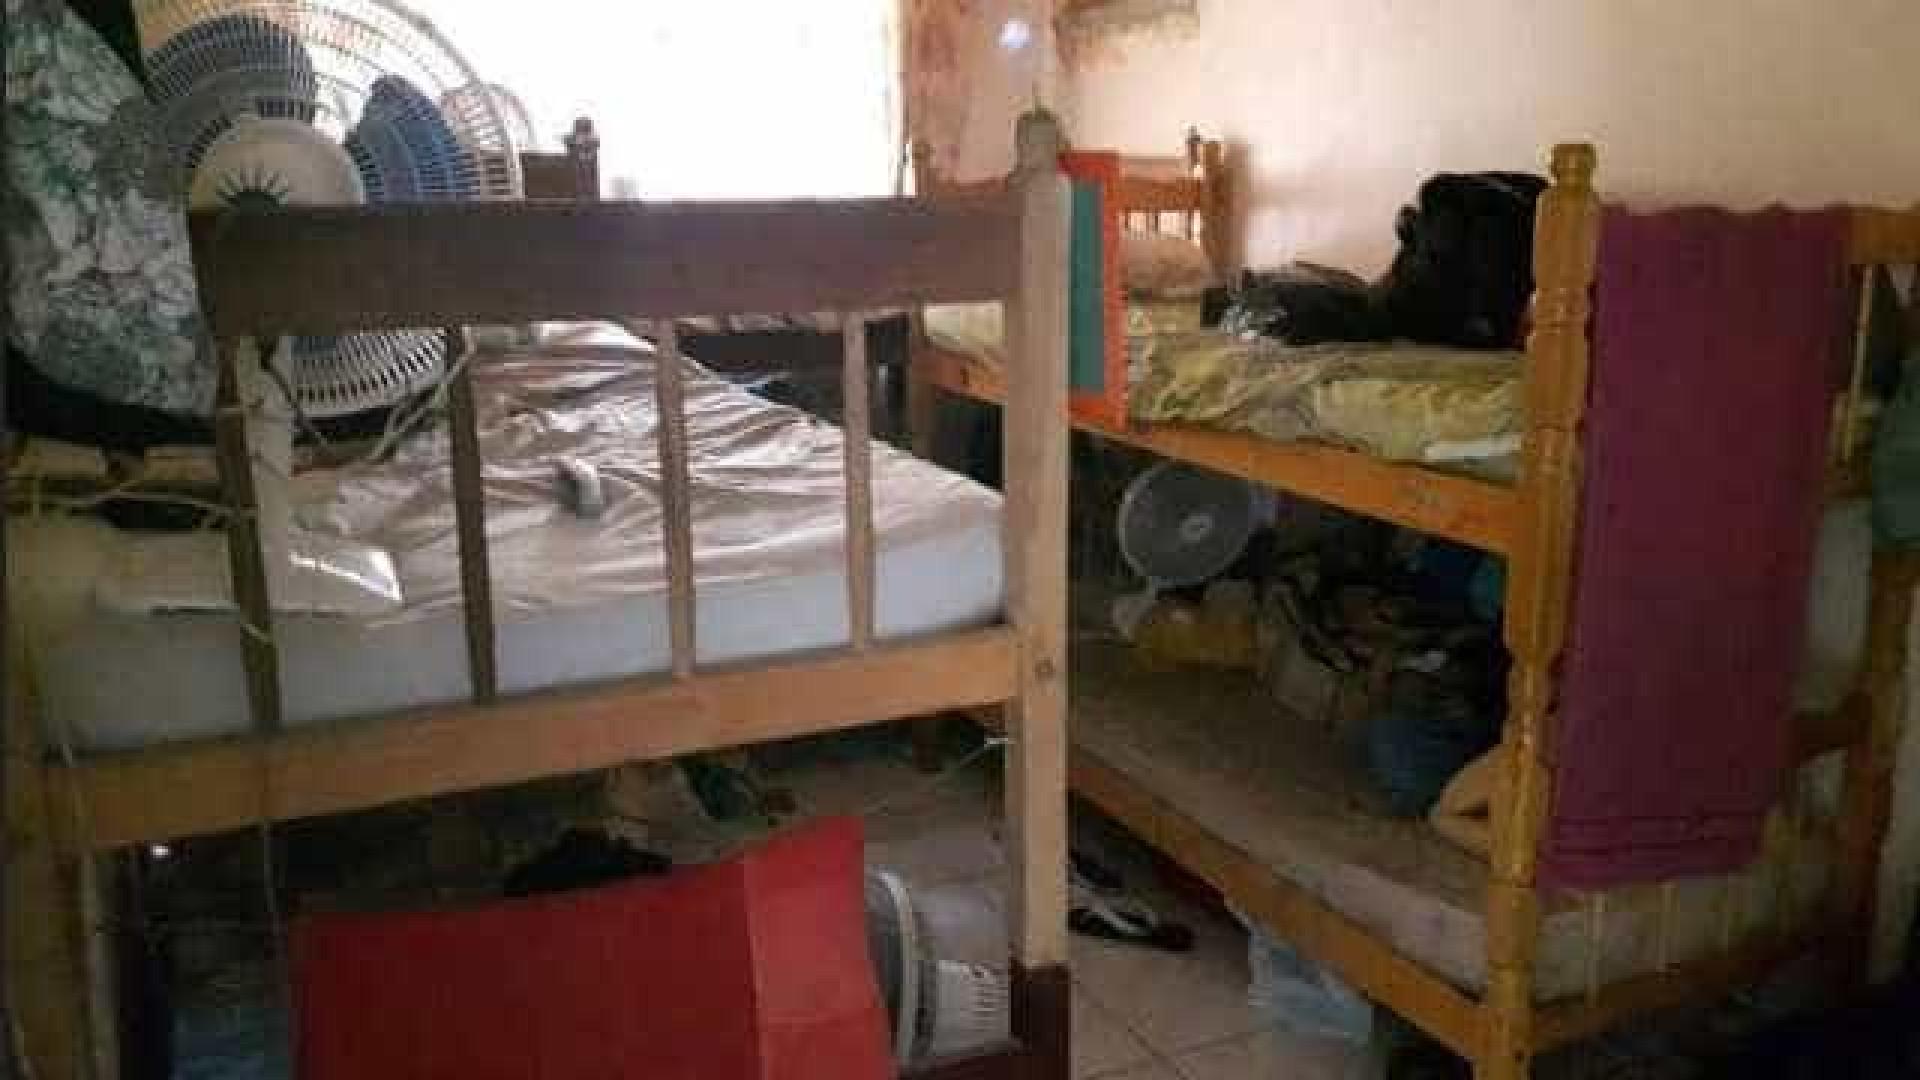 Onze operários são resgatados em condições semelhante à escravidão